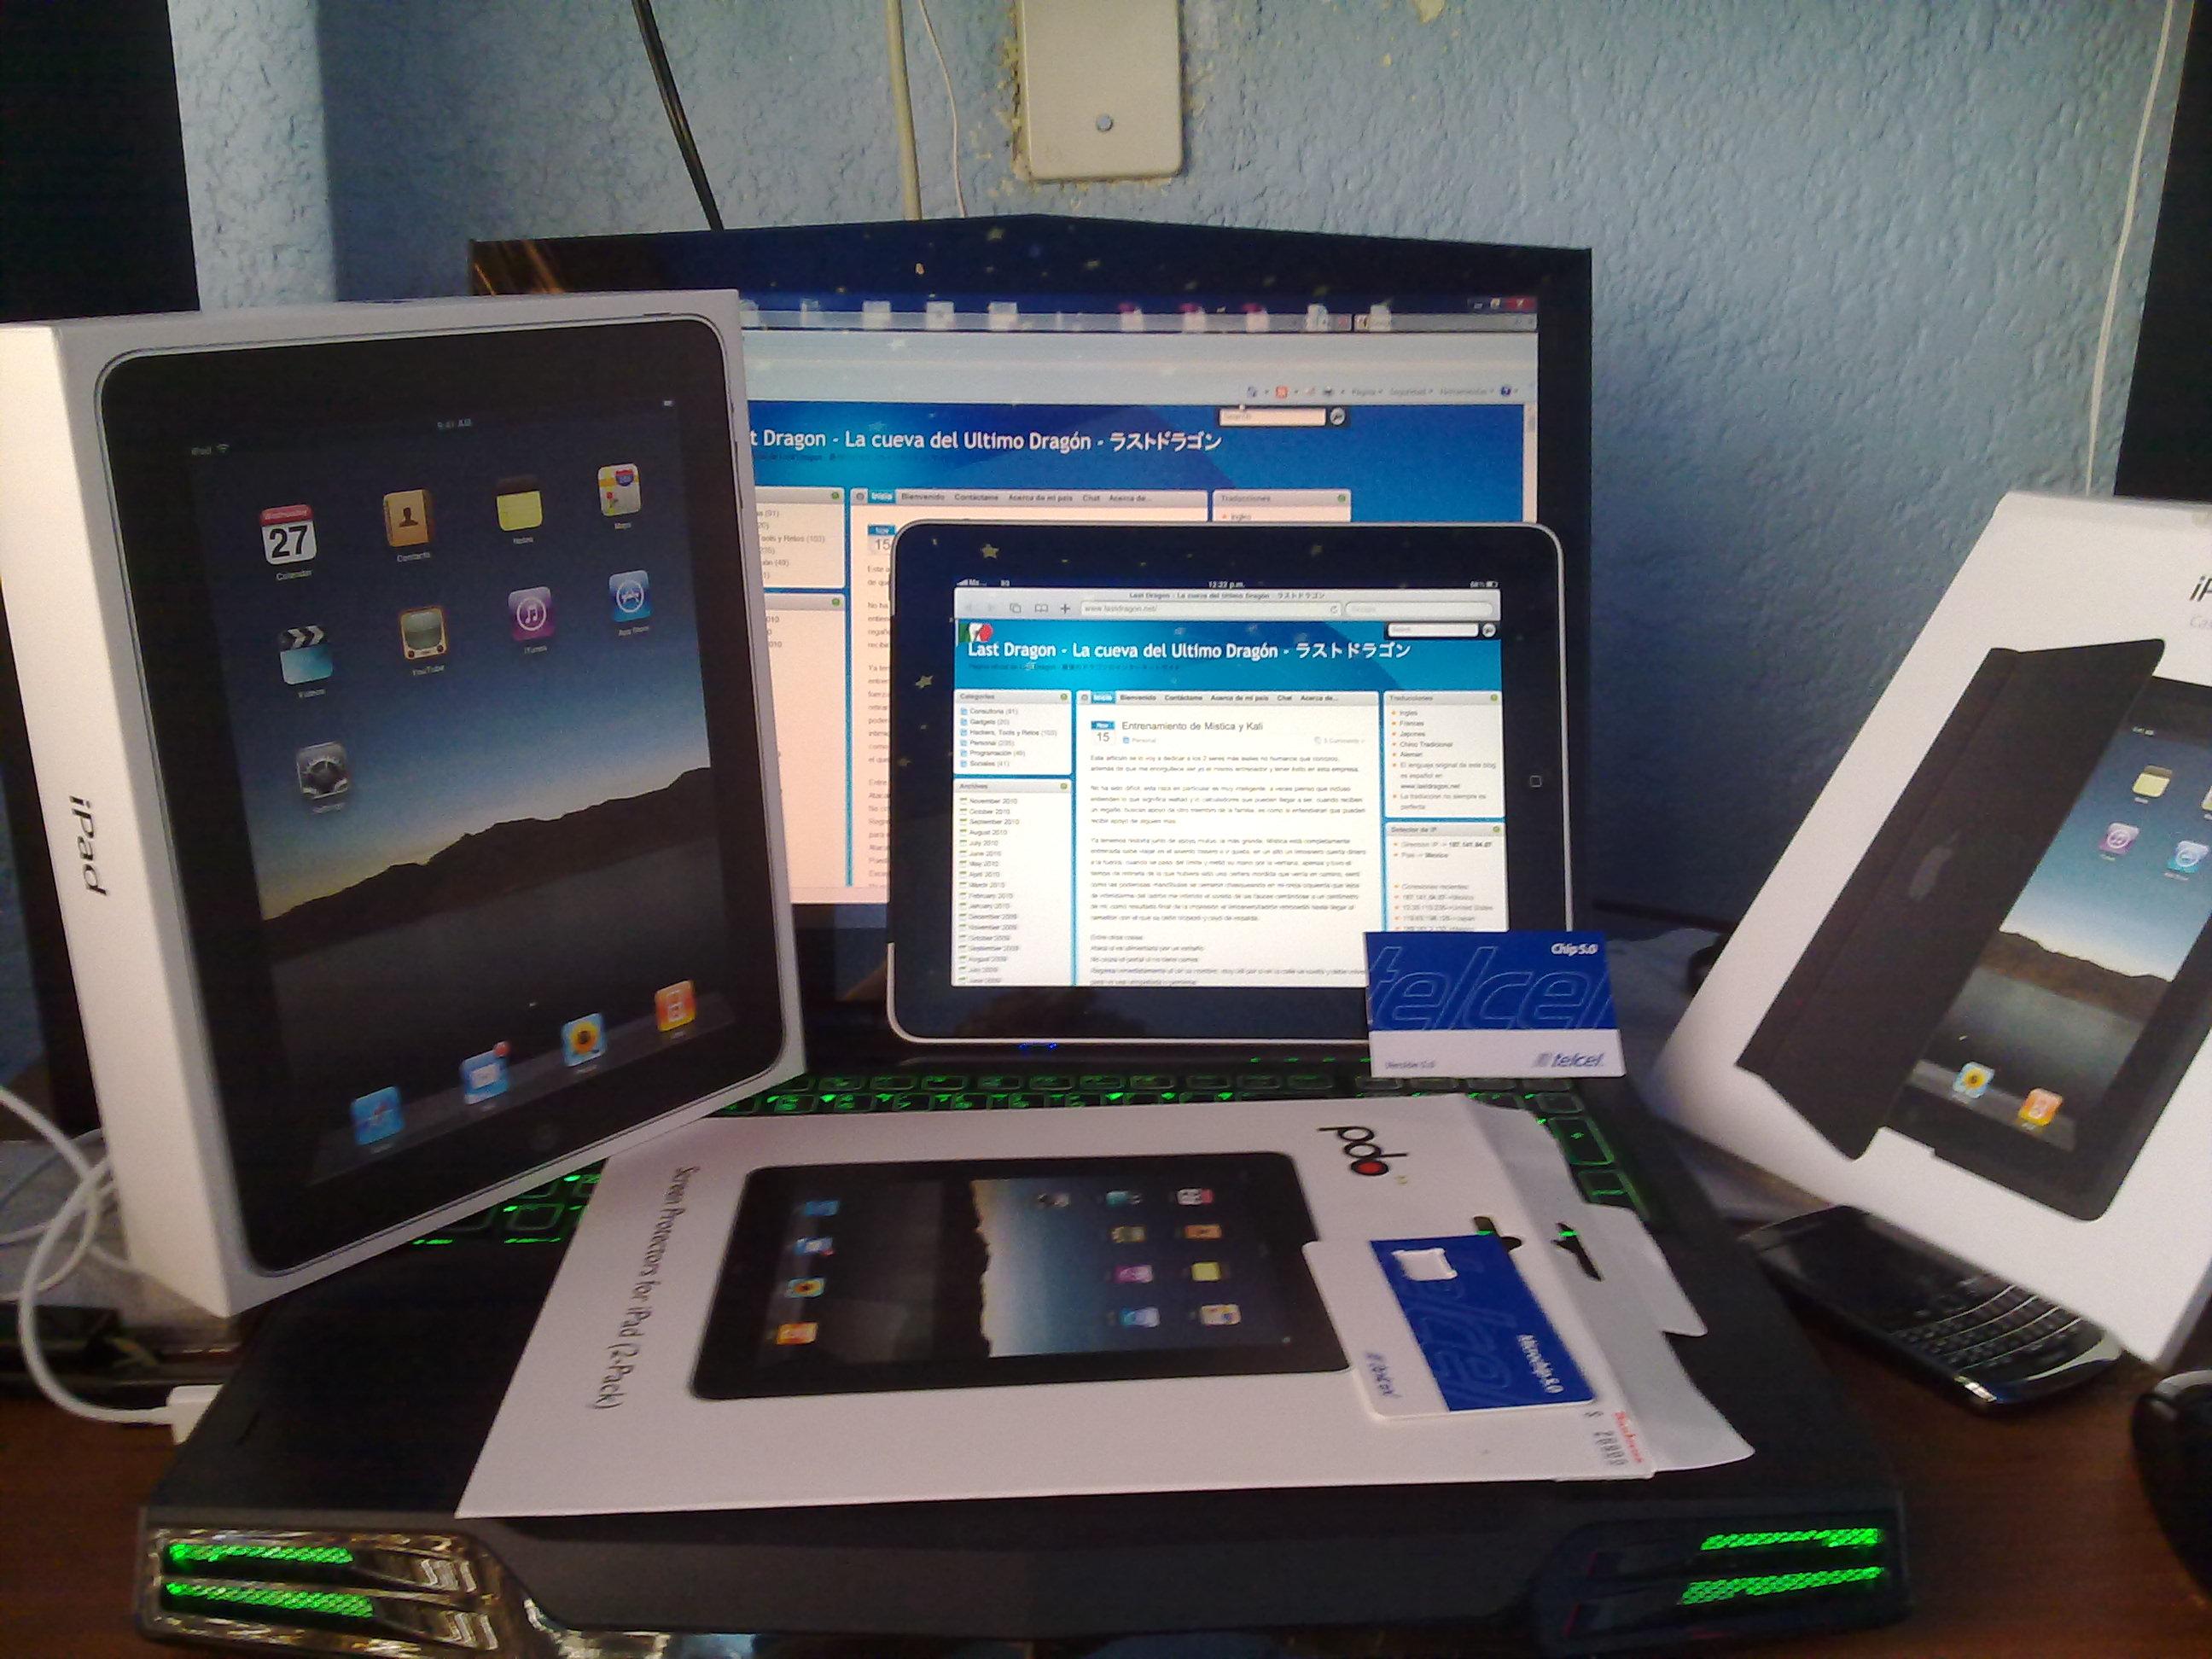 Configurar Internet 3G de telcel en un IPAD – Last Dragon – La ...